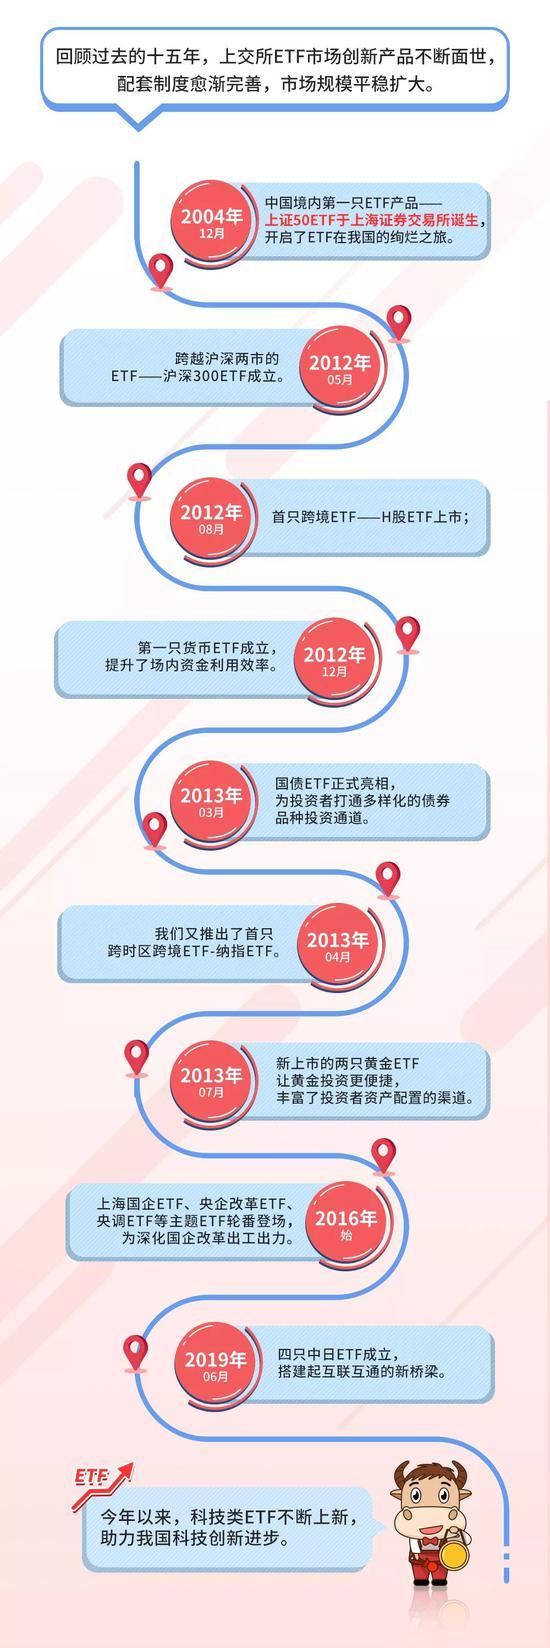 尊尚娱乐场开户-谣言充斥香港 林郑月娥说话了